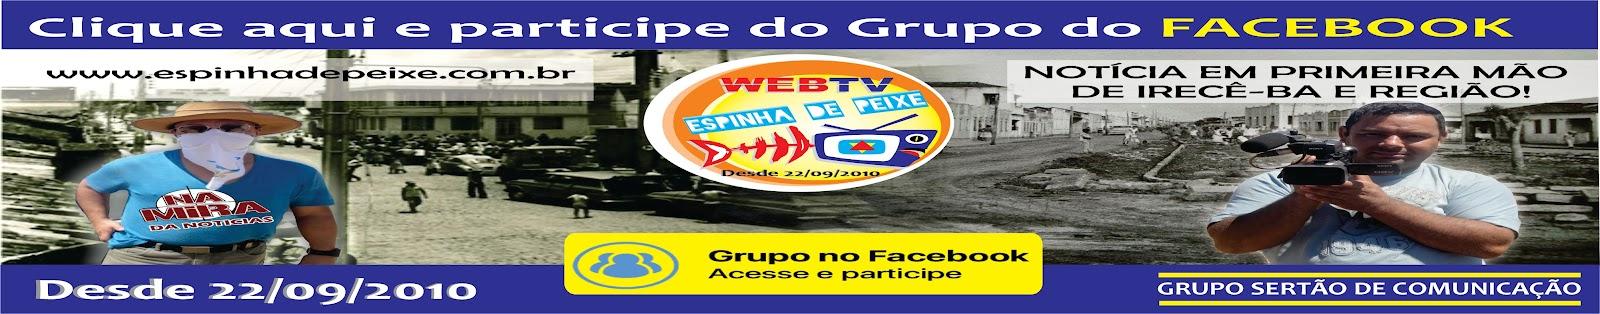 PARTICIPE DO NOSSO GRUPO NO FACEBOOK